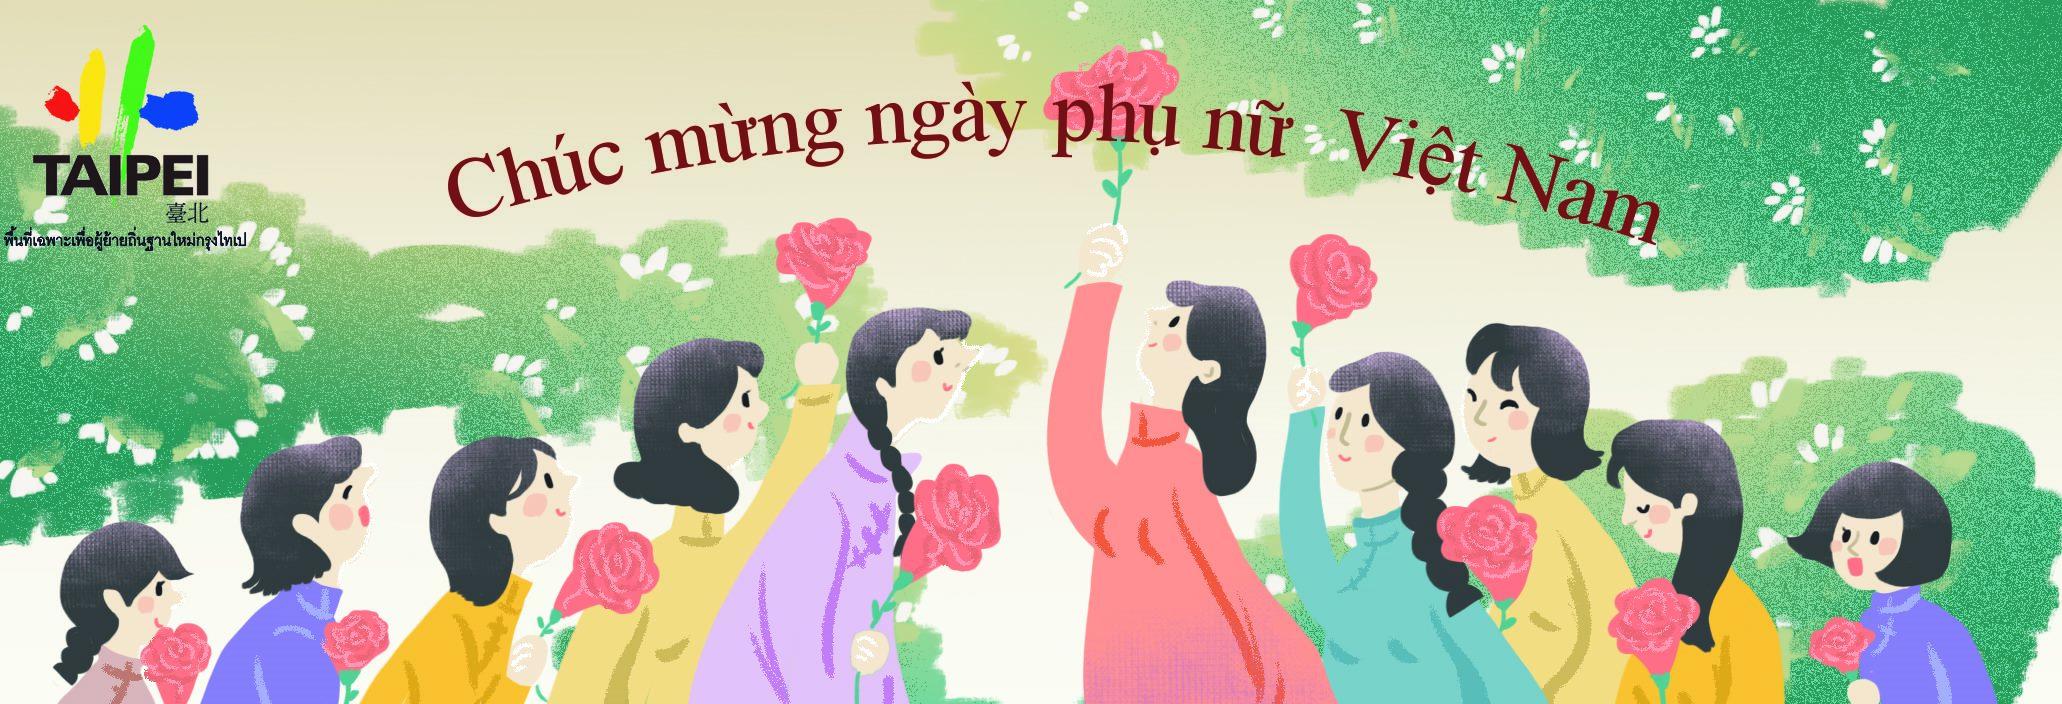 2020-วันสตรีเวียดนาม ผู้เขียน